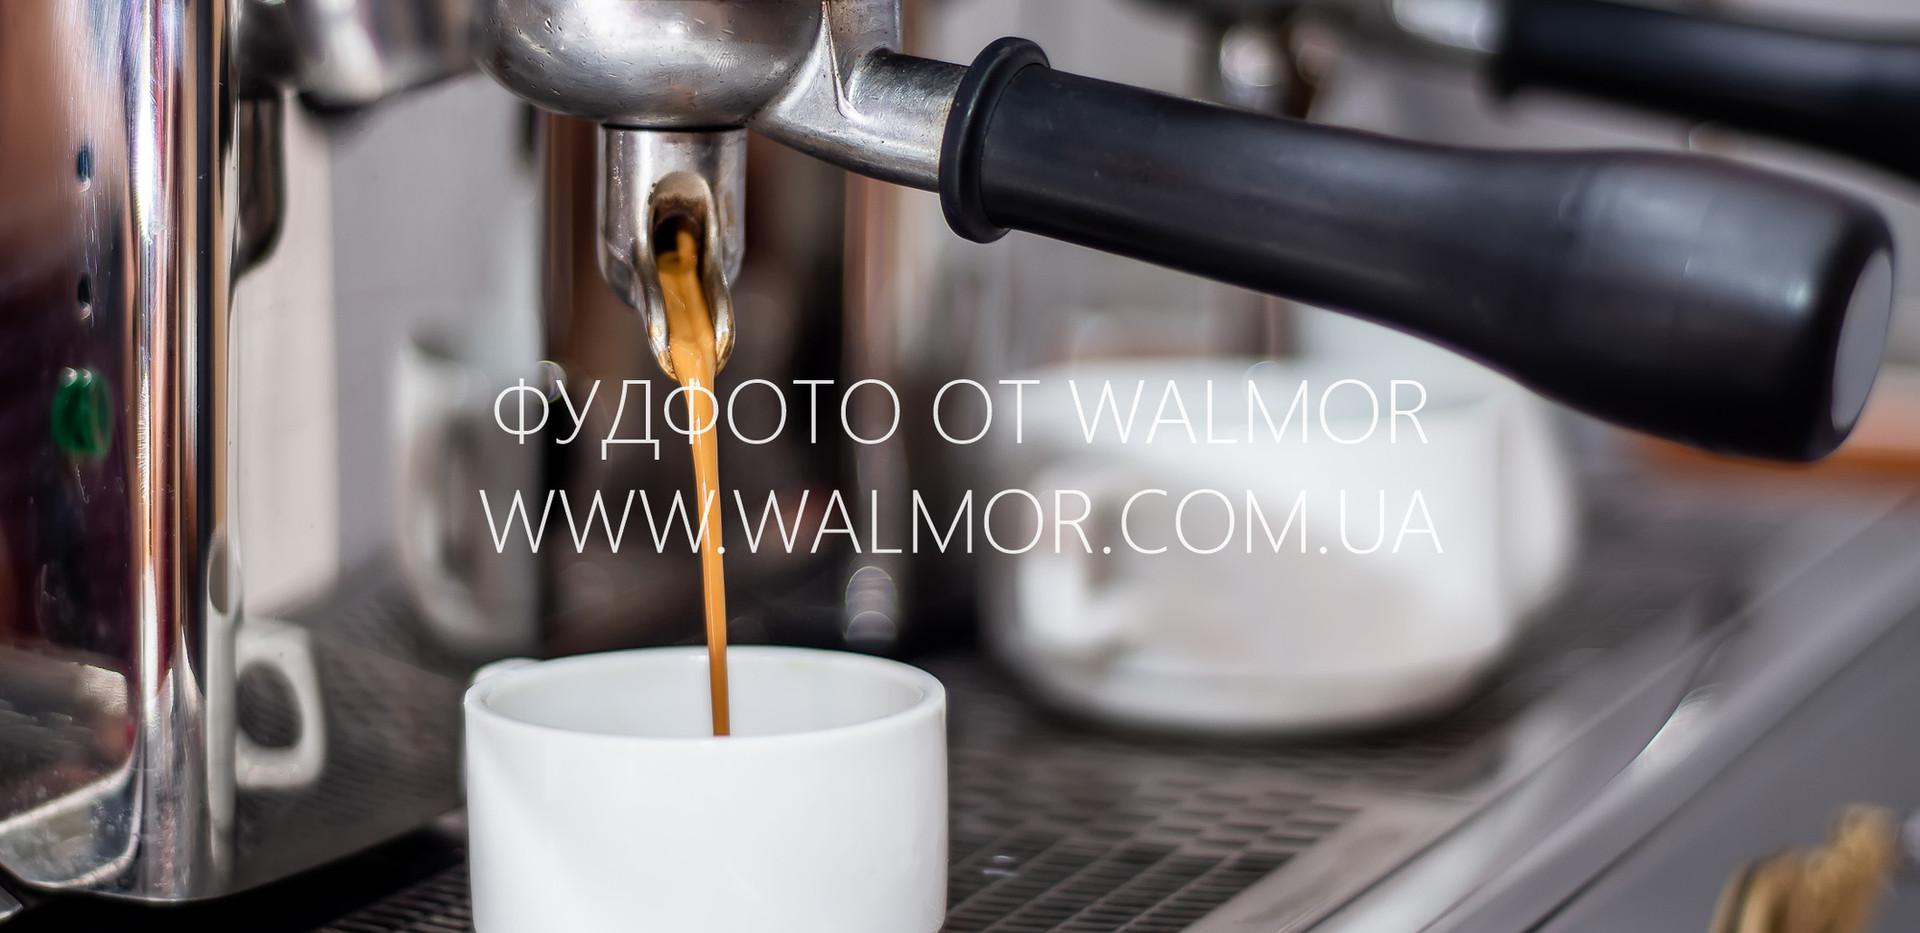 Фуд фото студия WalMor